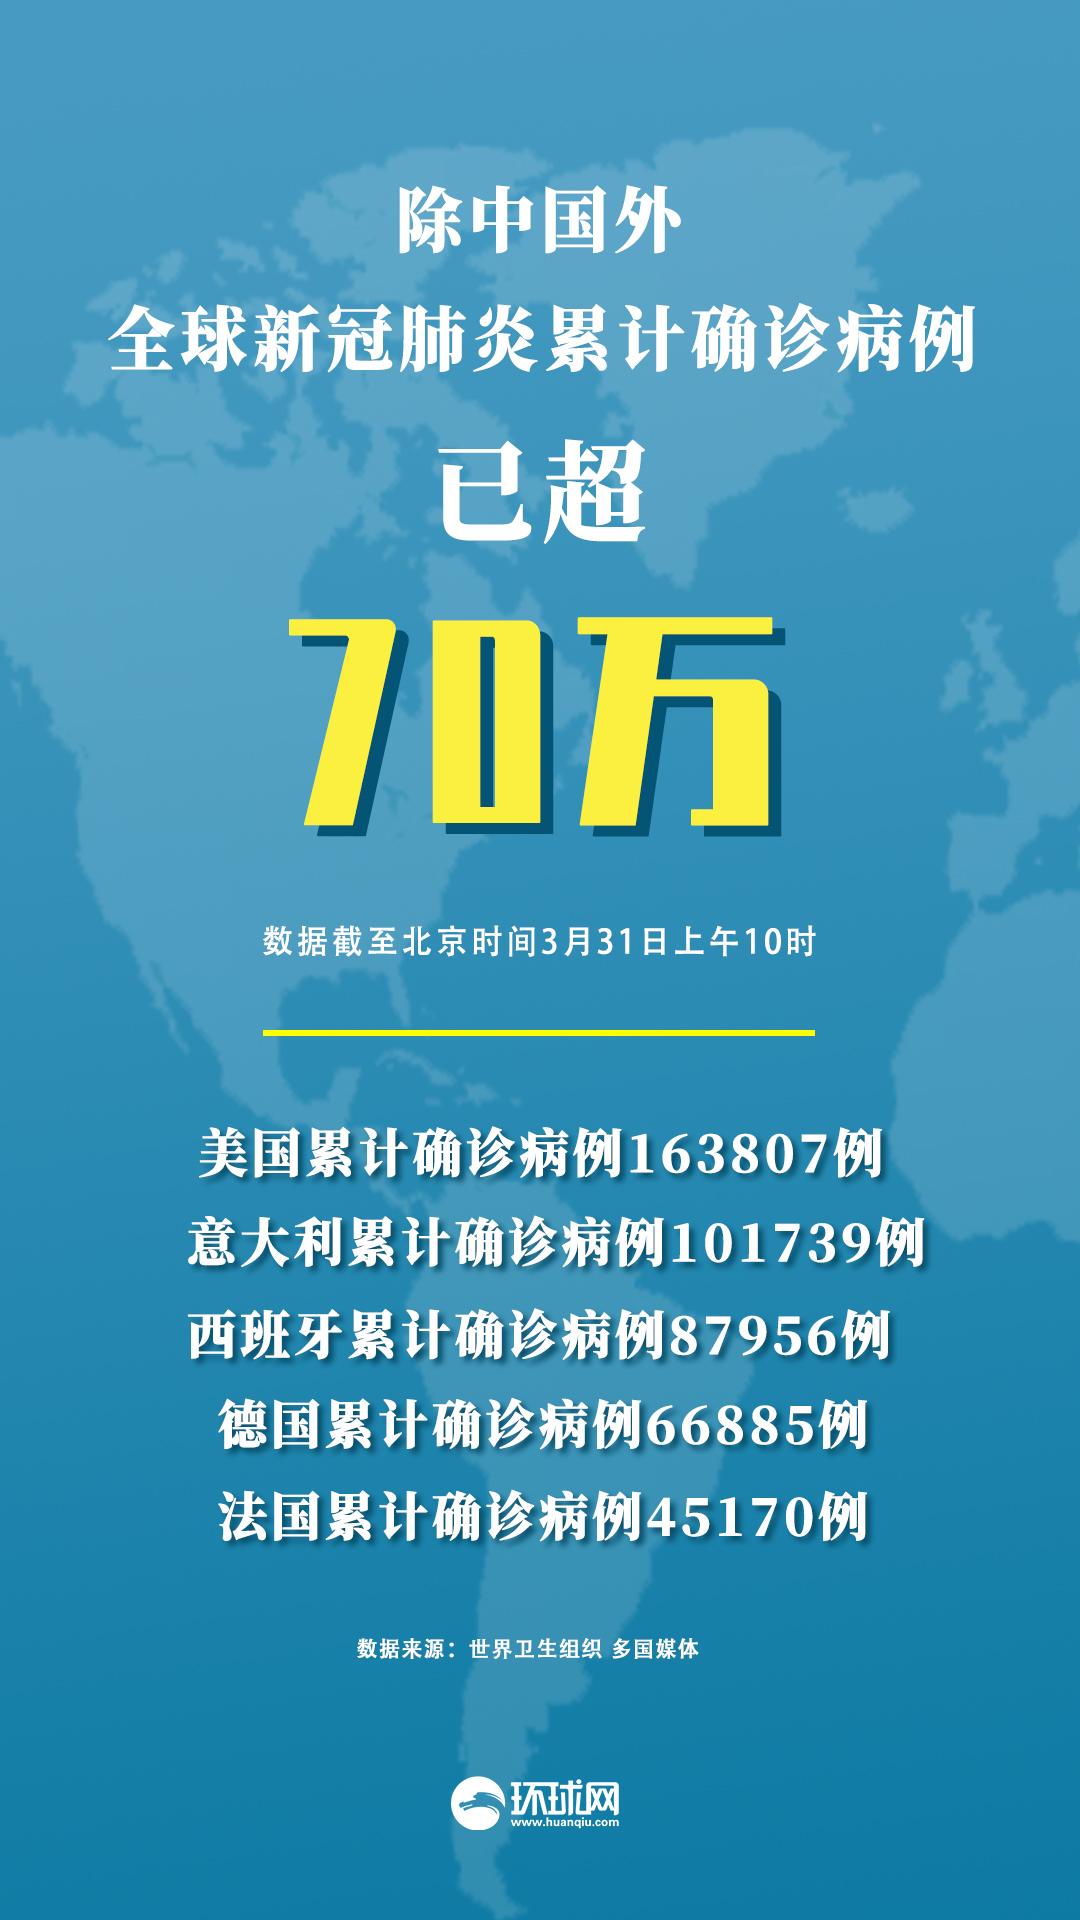 全球疫情动态:中国以外新冠肺炎累计确诊已超70万例